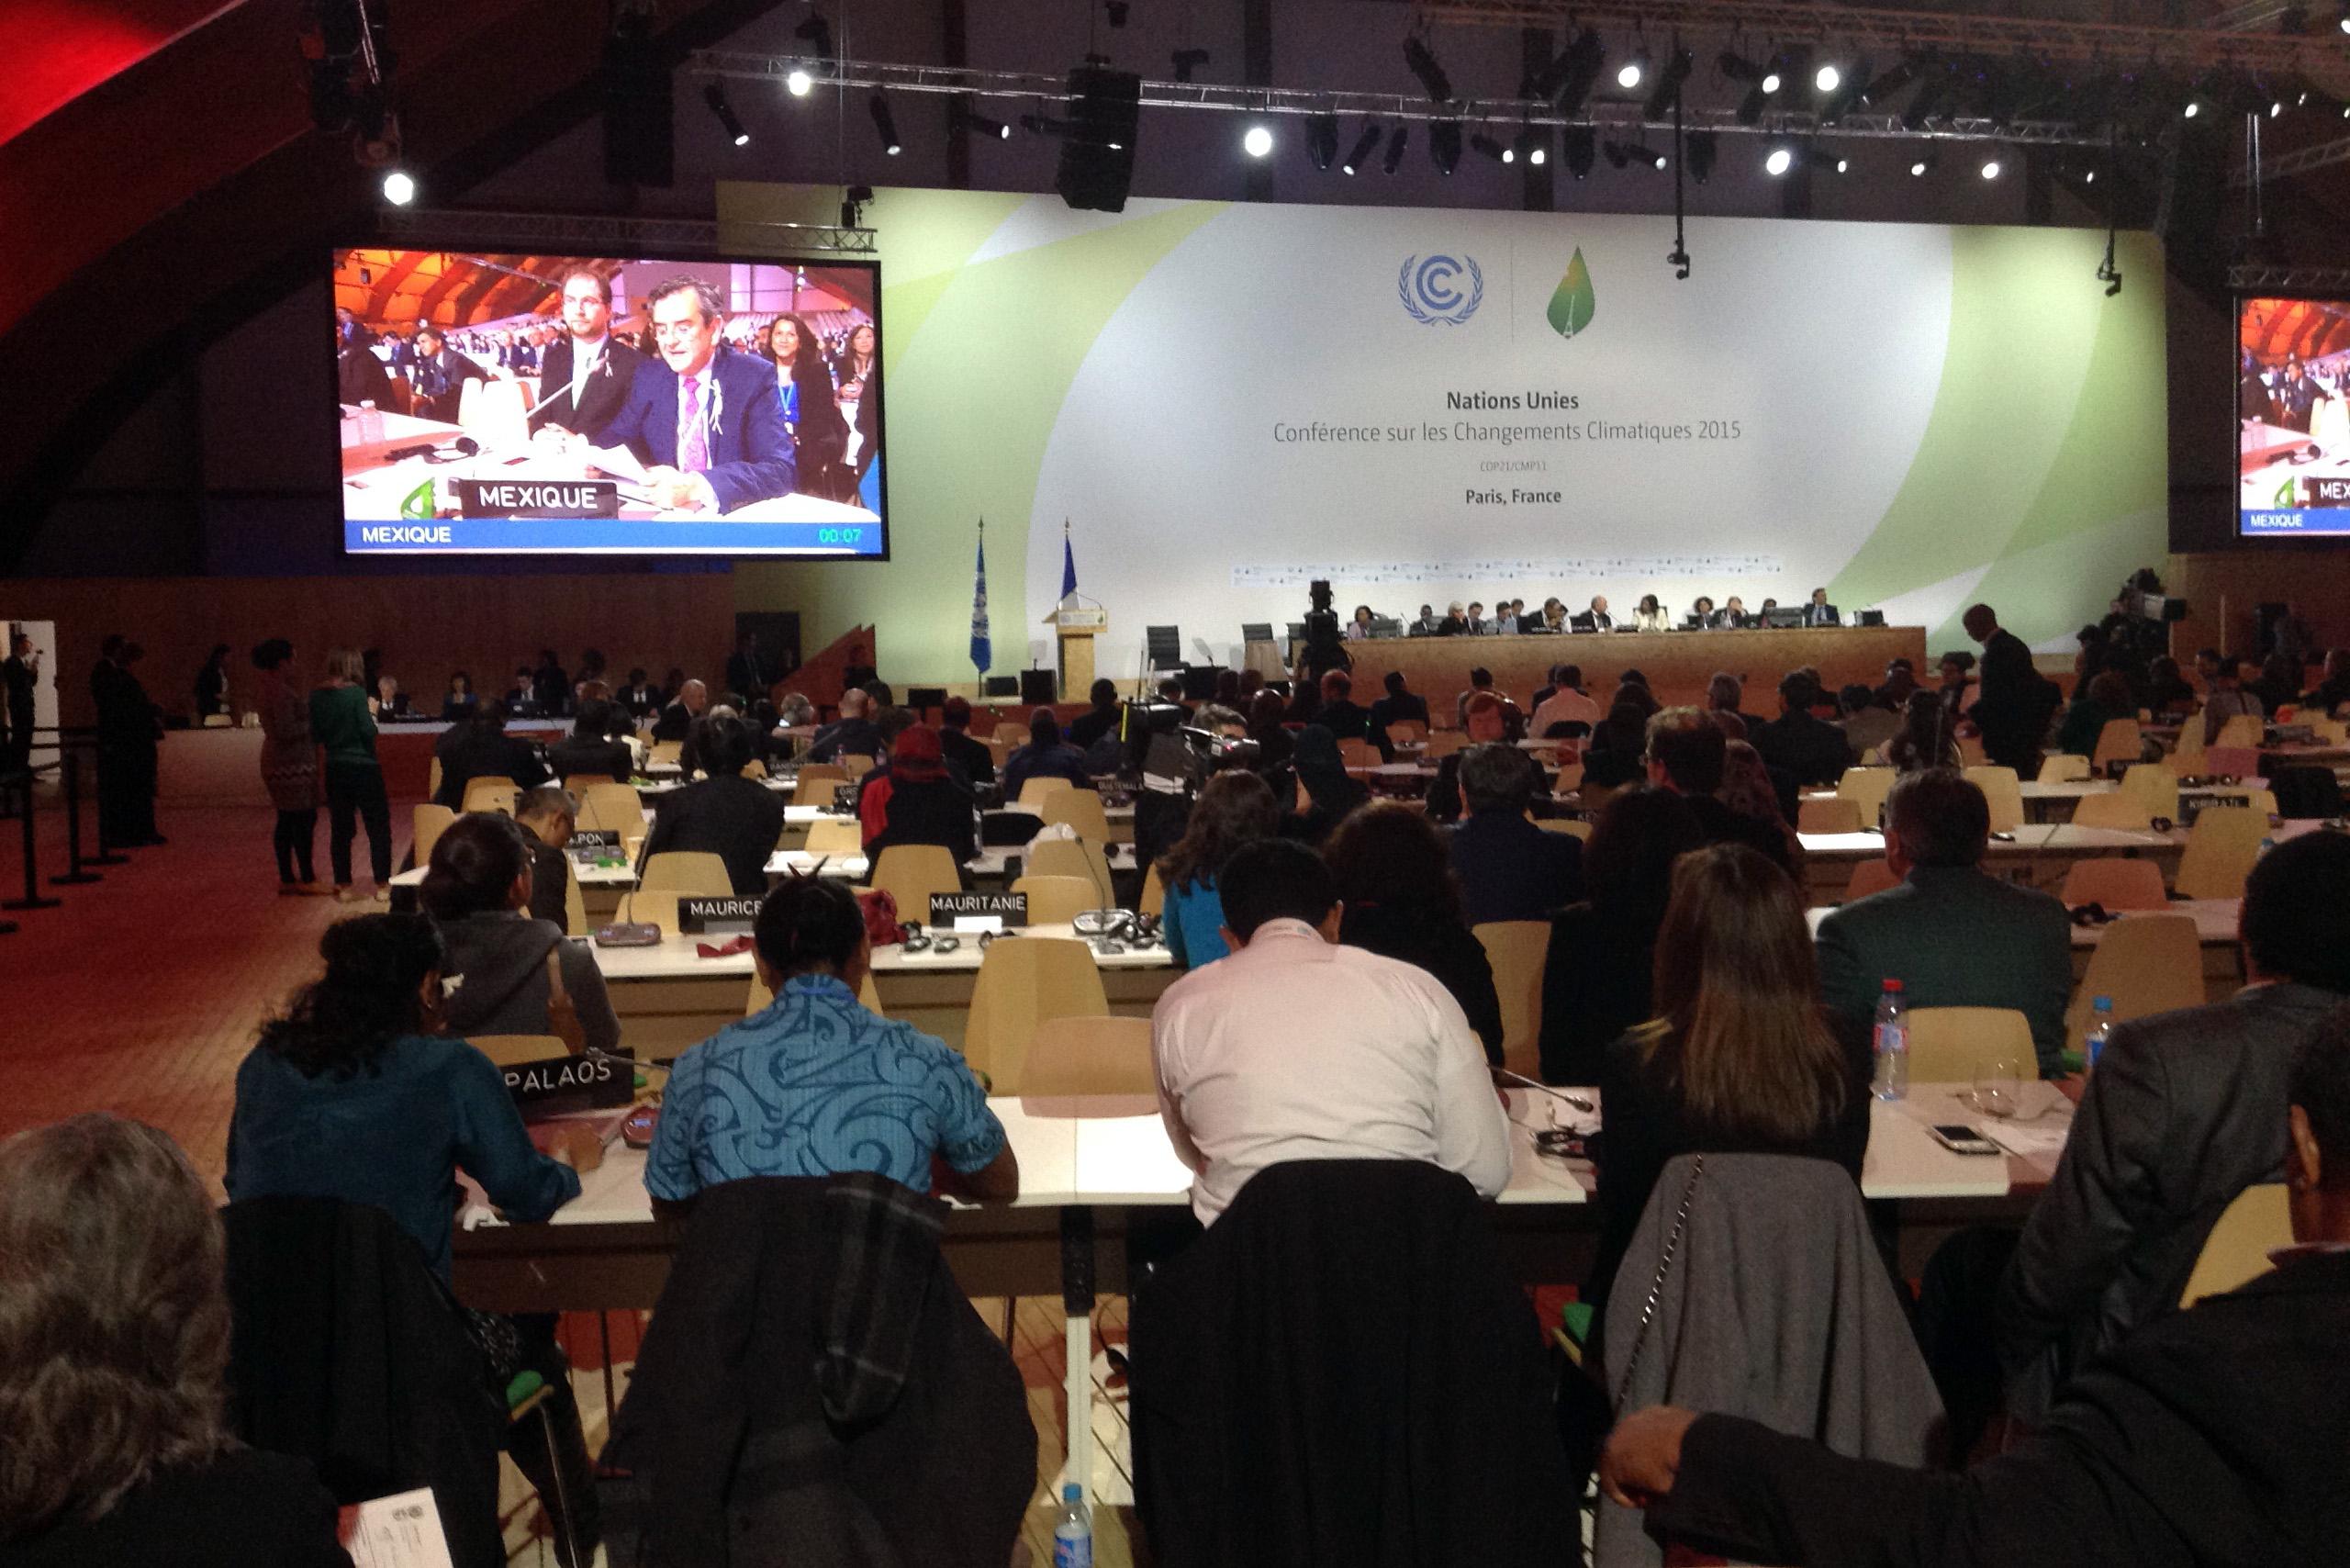 El nuevo acuerdo compromete a los países a trabajar de manera ambiciosa, progresiva, equitativa y transparente